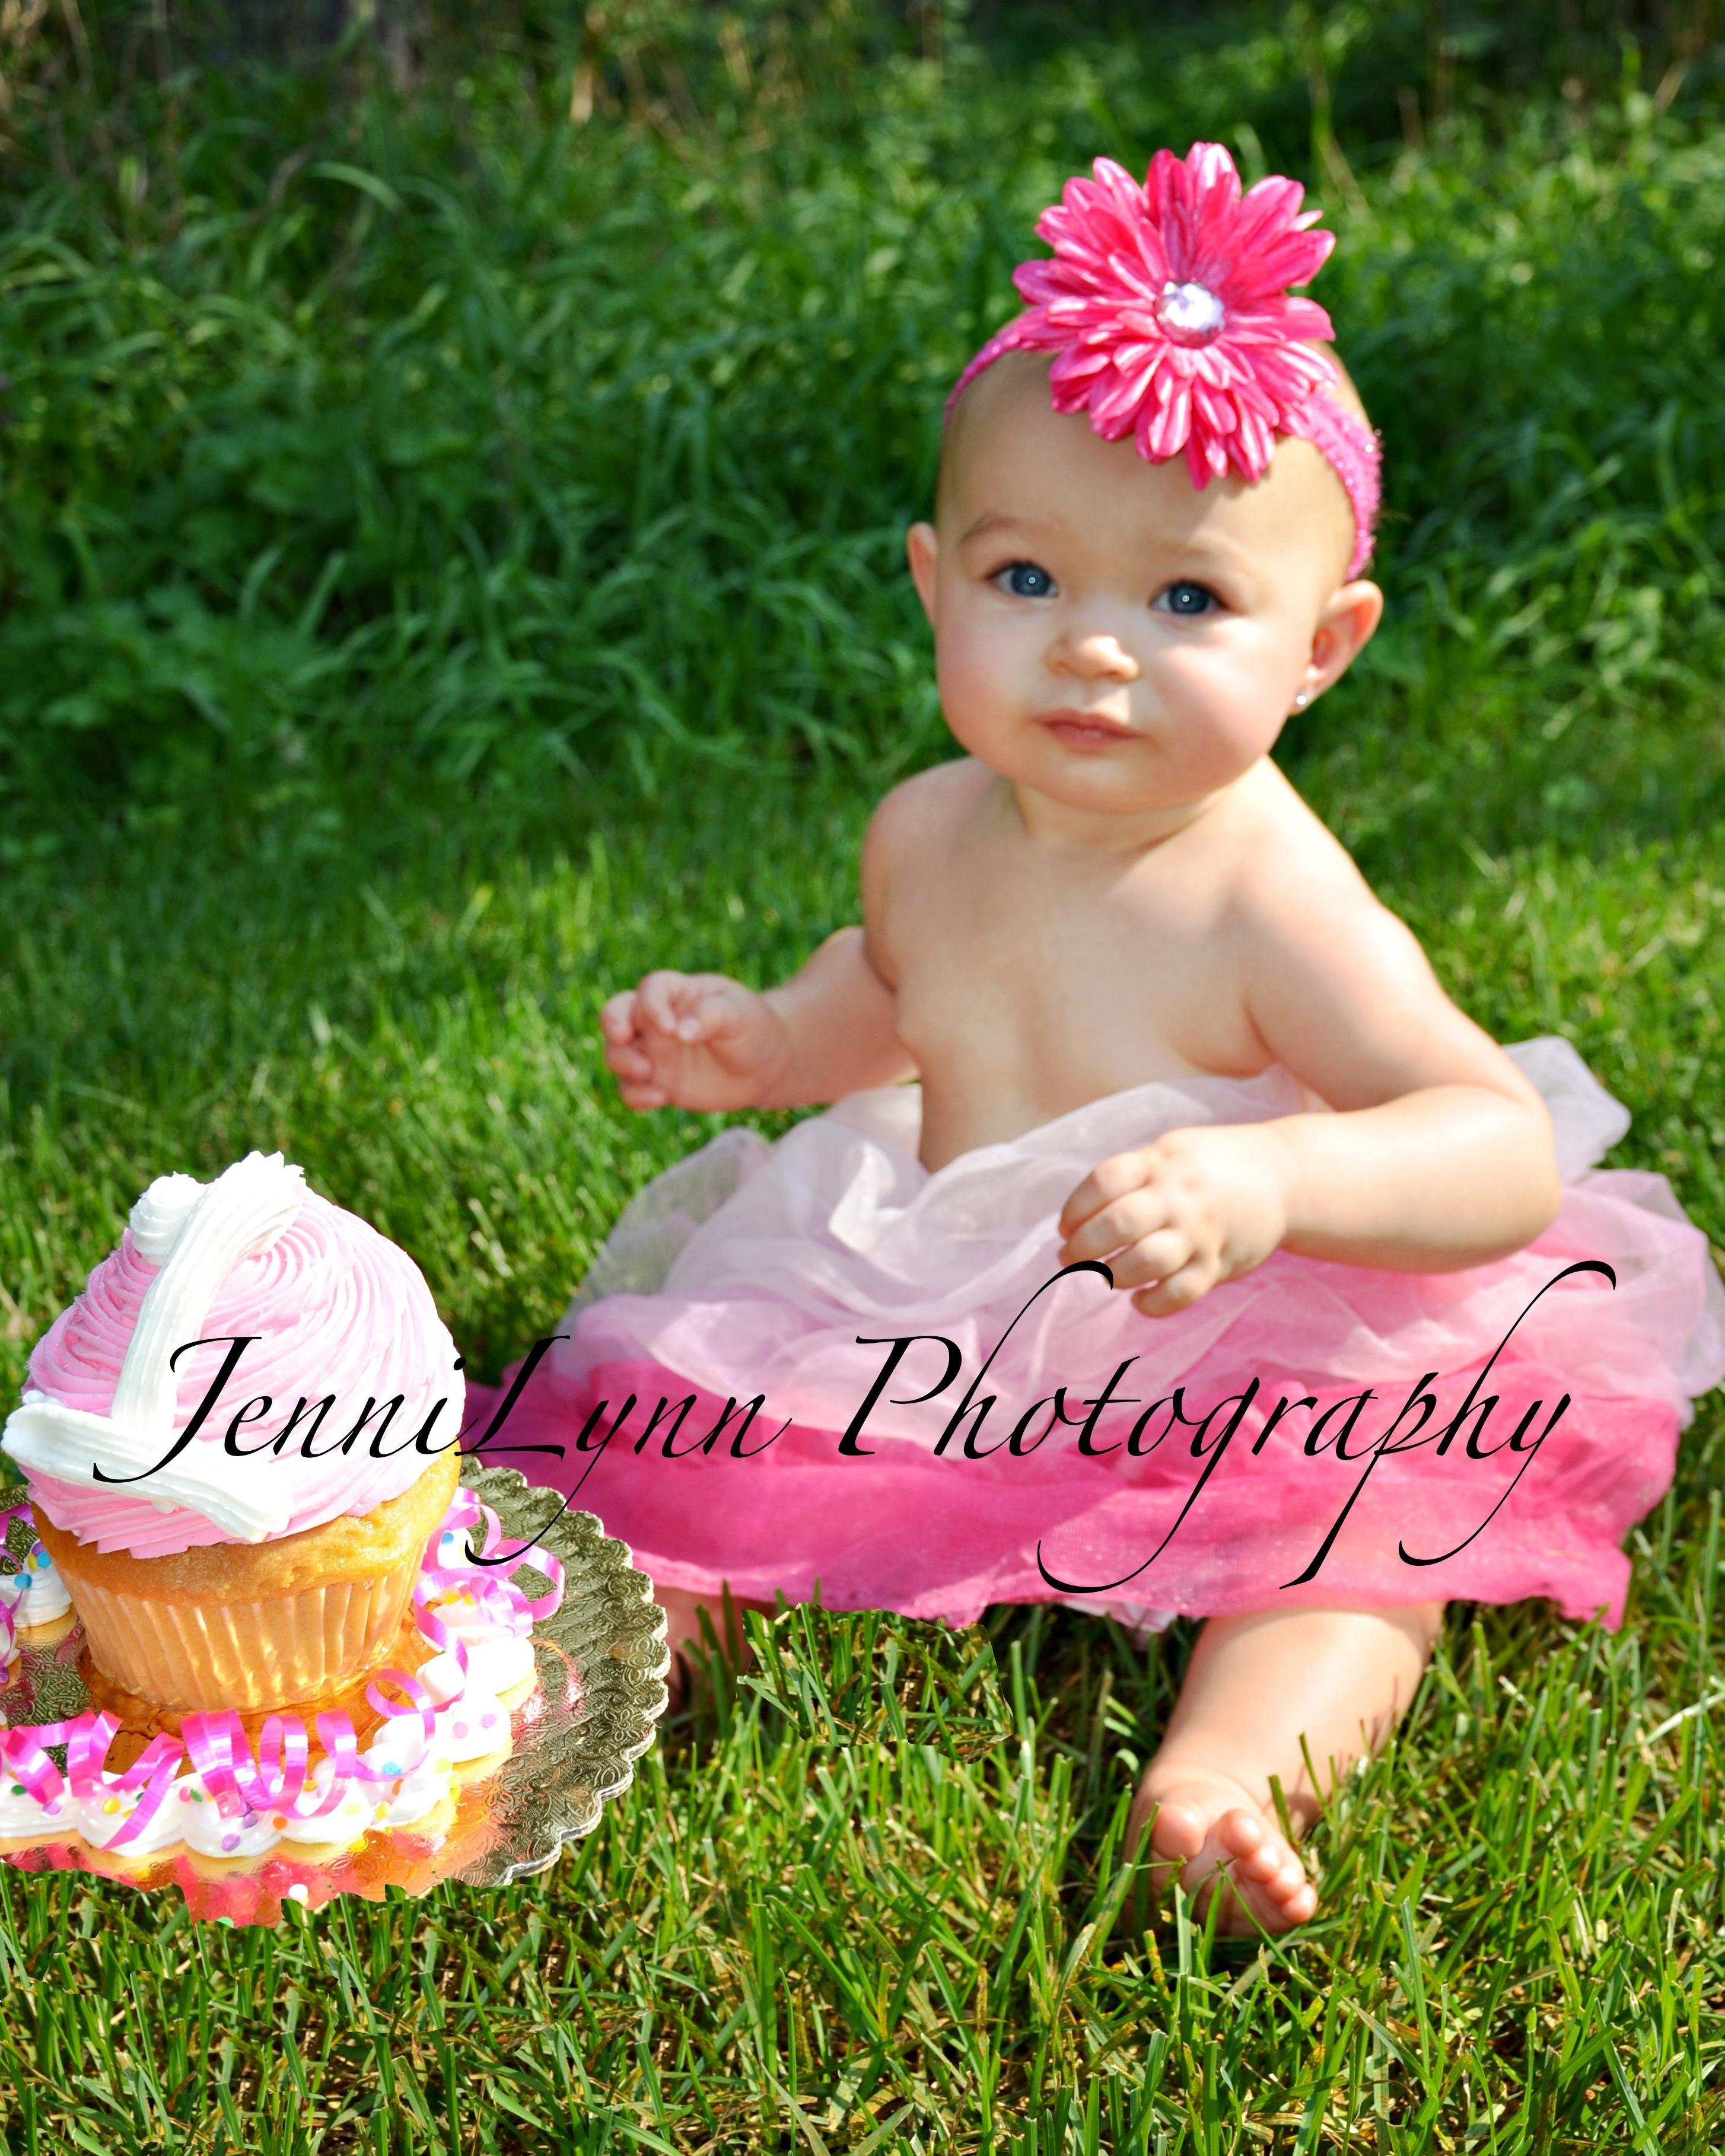 @Kara Hauenstein photography, @Kara Hauenstein, @Millie Morris birthday, @Jonathan London year old birthday,  year old birthday